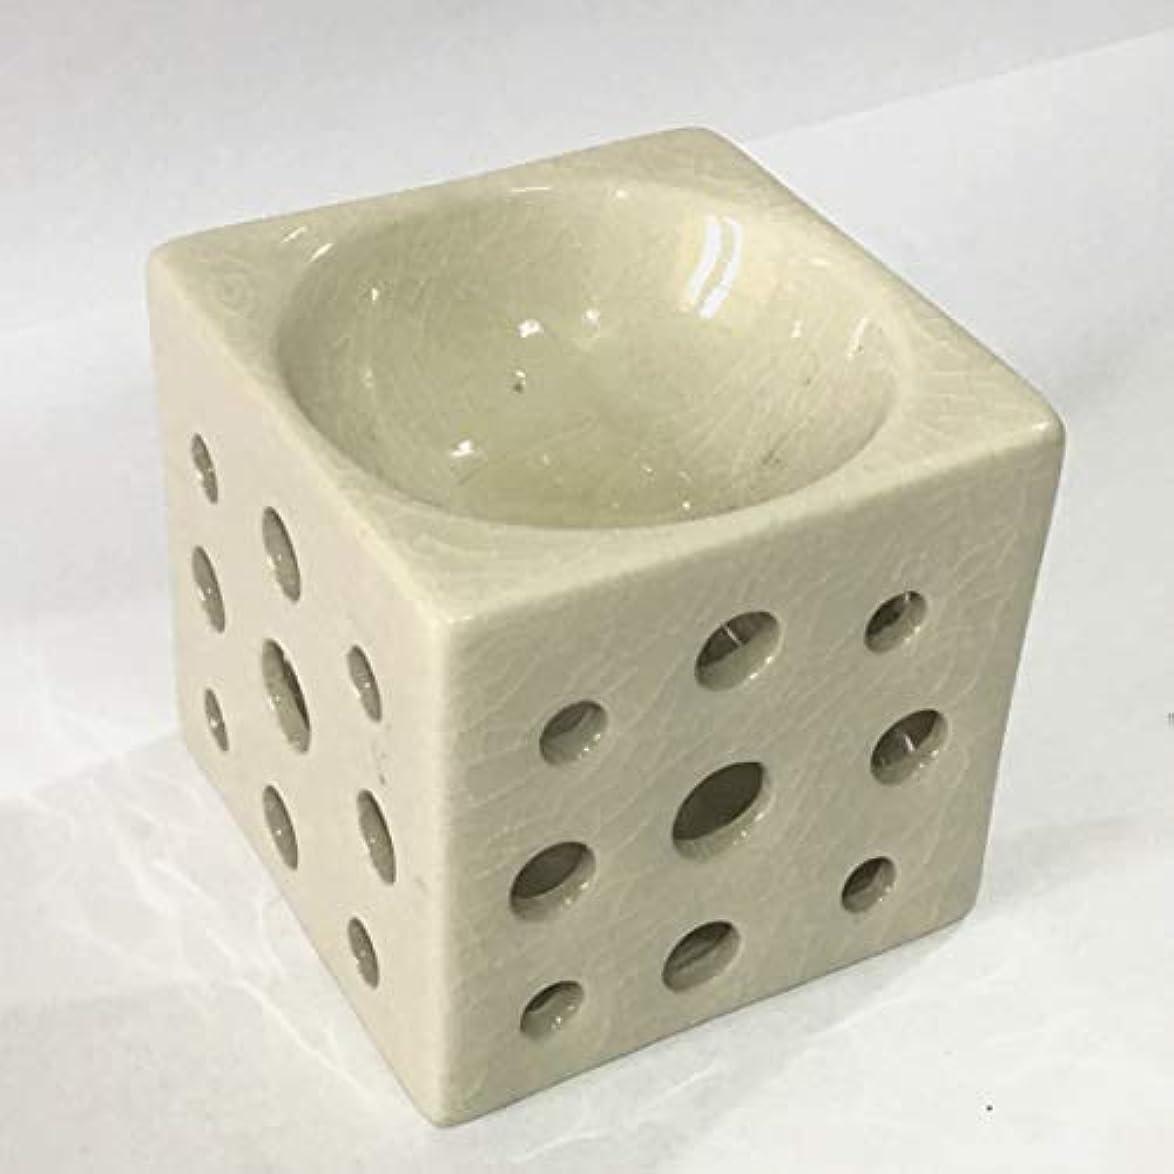 アロマポット (白) 角型 チェンマイ産 香炉 陶器 アロマ炉 タイ